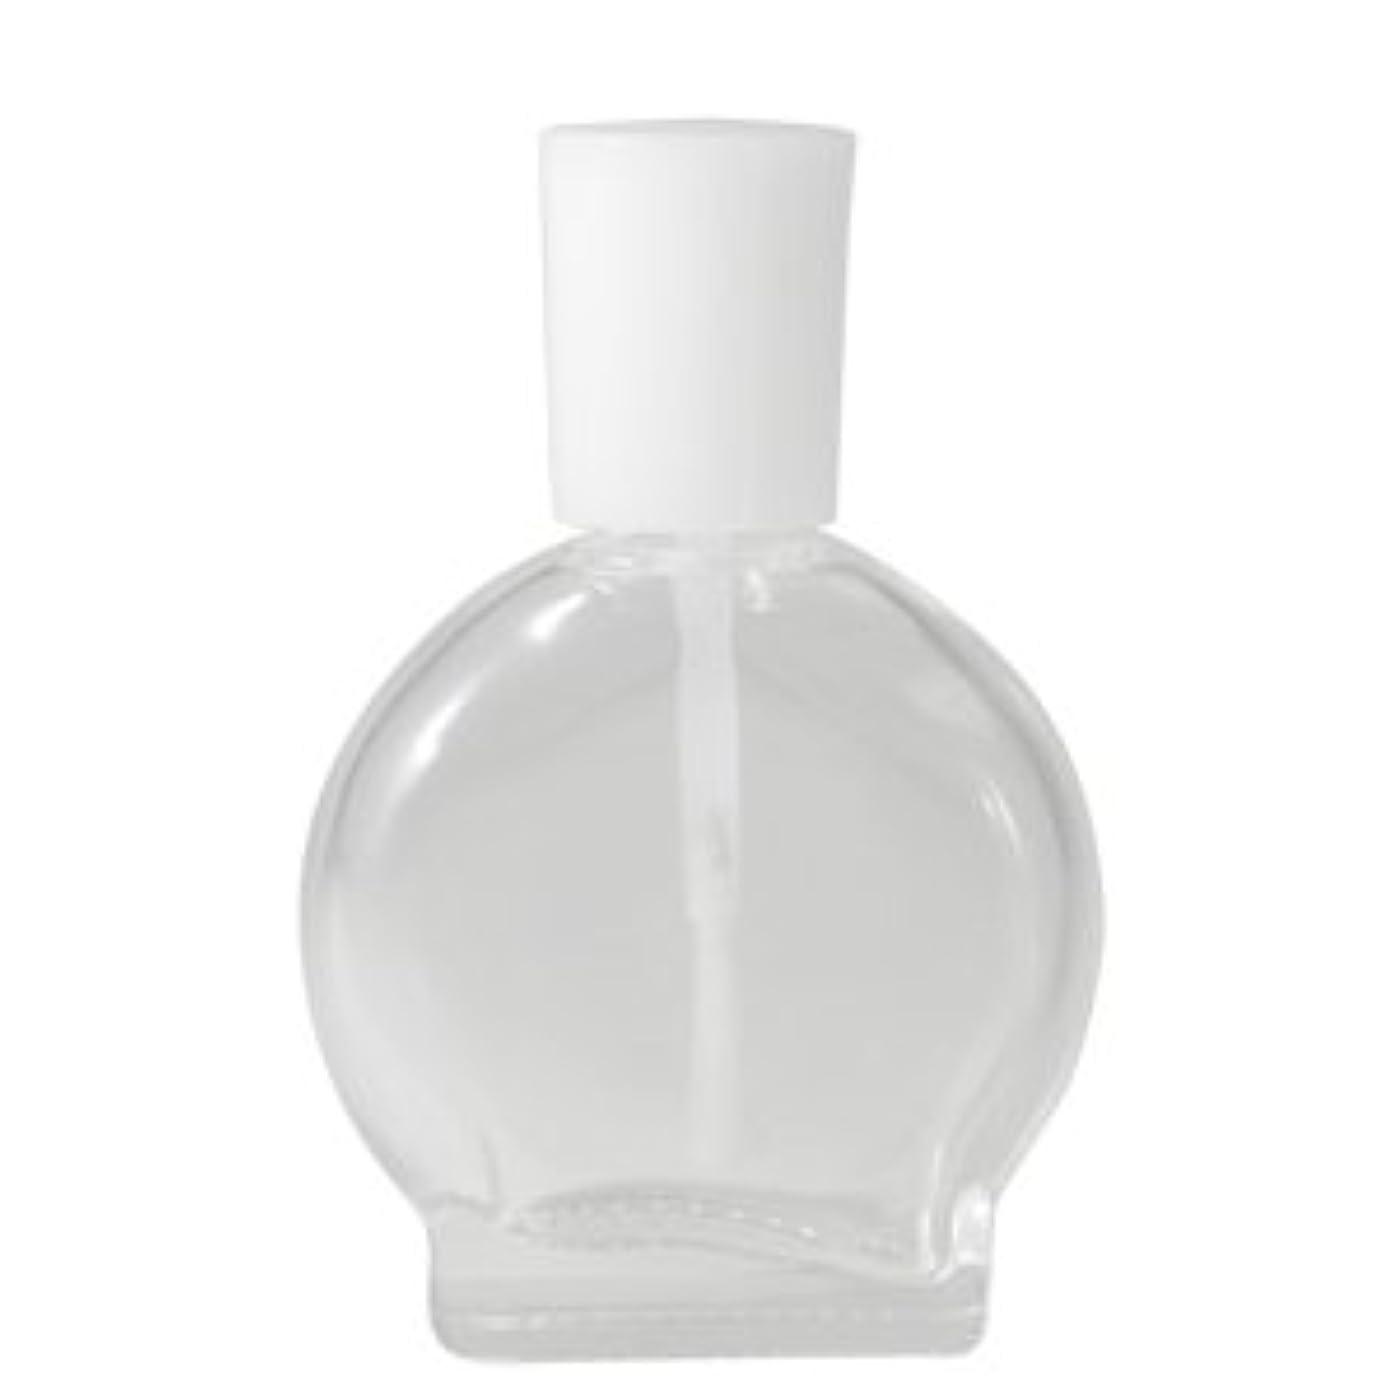 ストライクアンケートアクティブエナメルボトル 16ml (マニキュア瓶) 【化粧品容器】